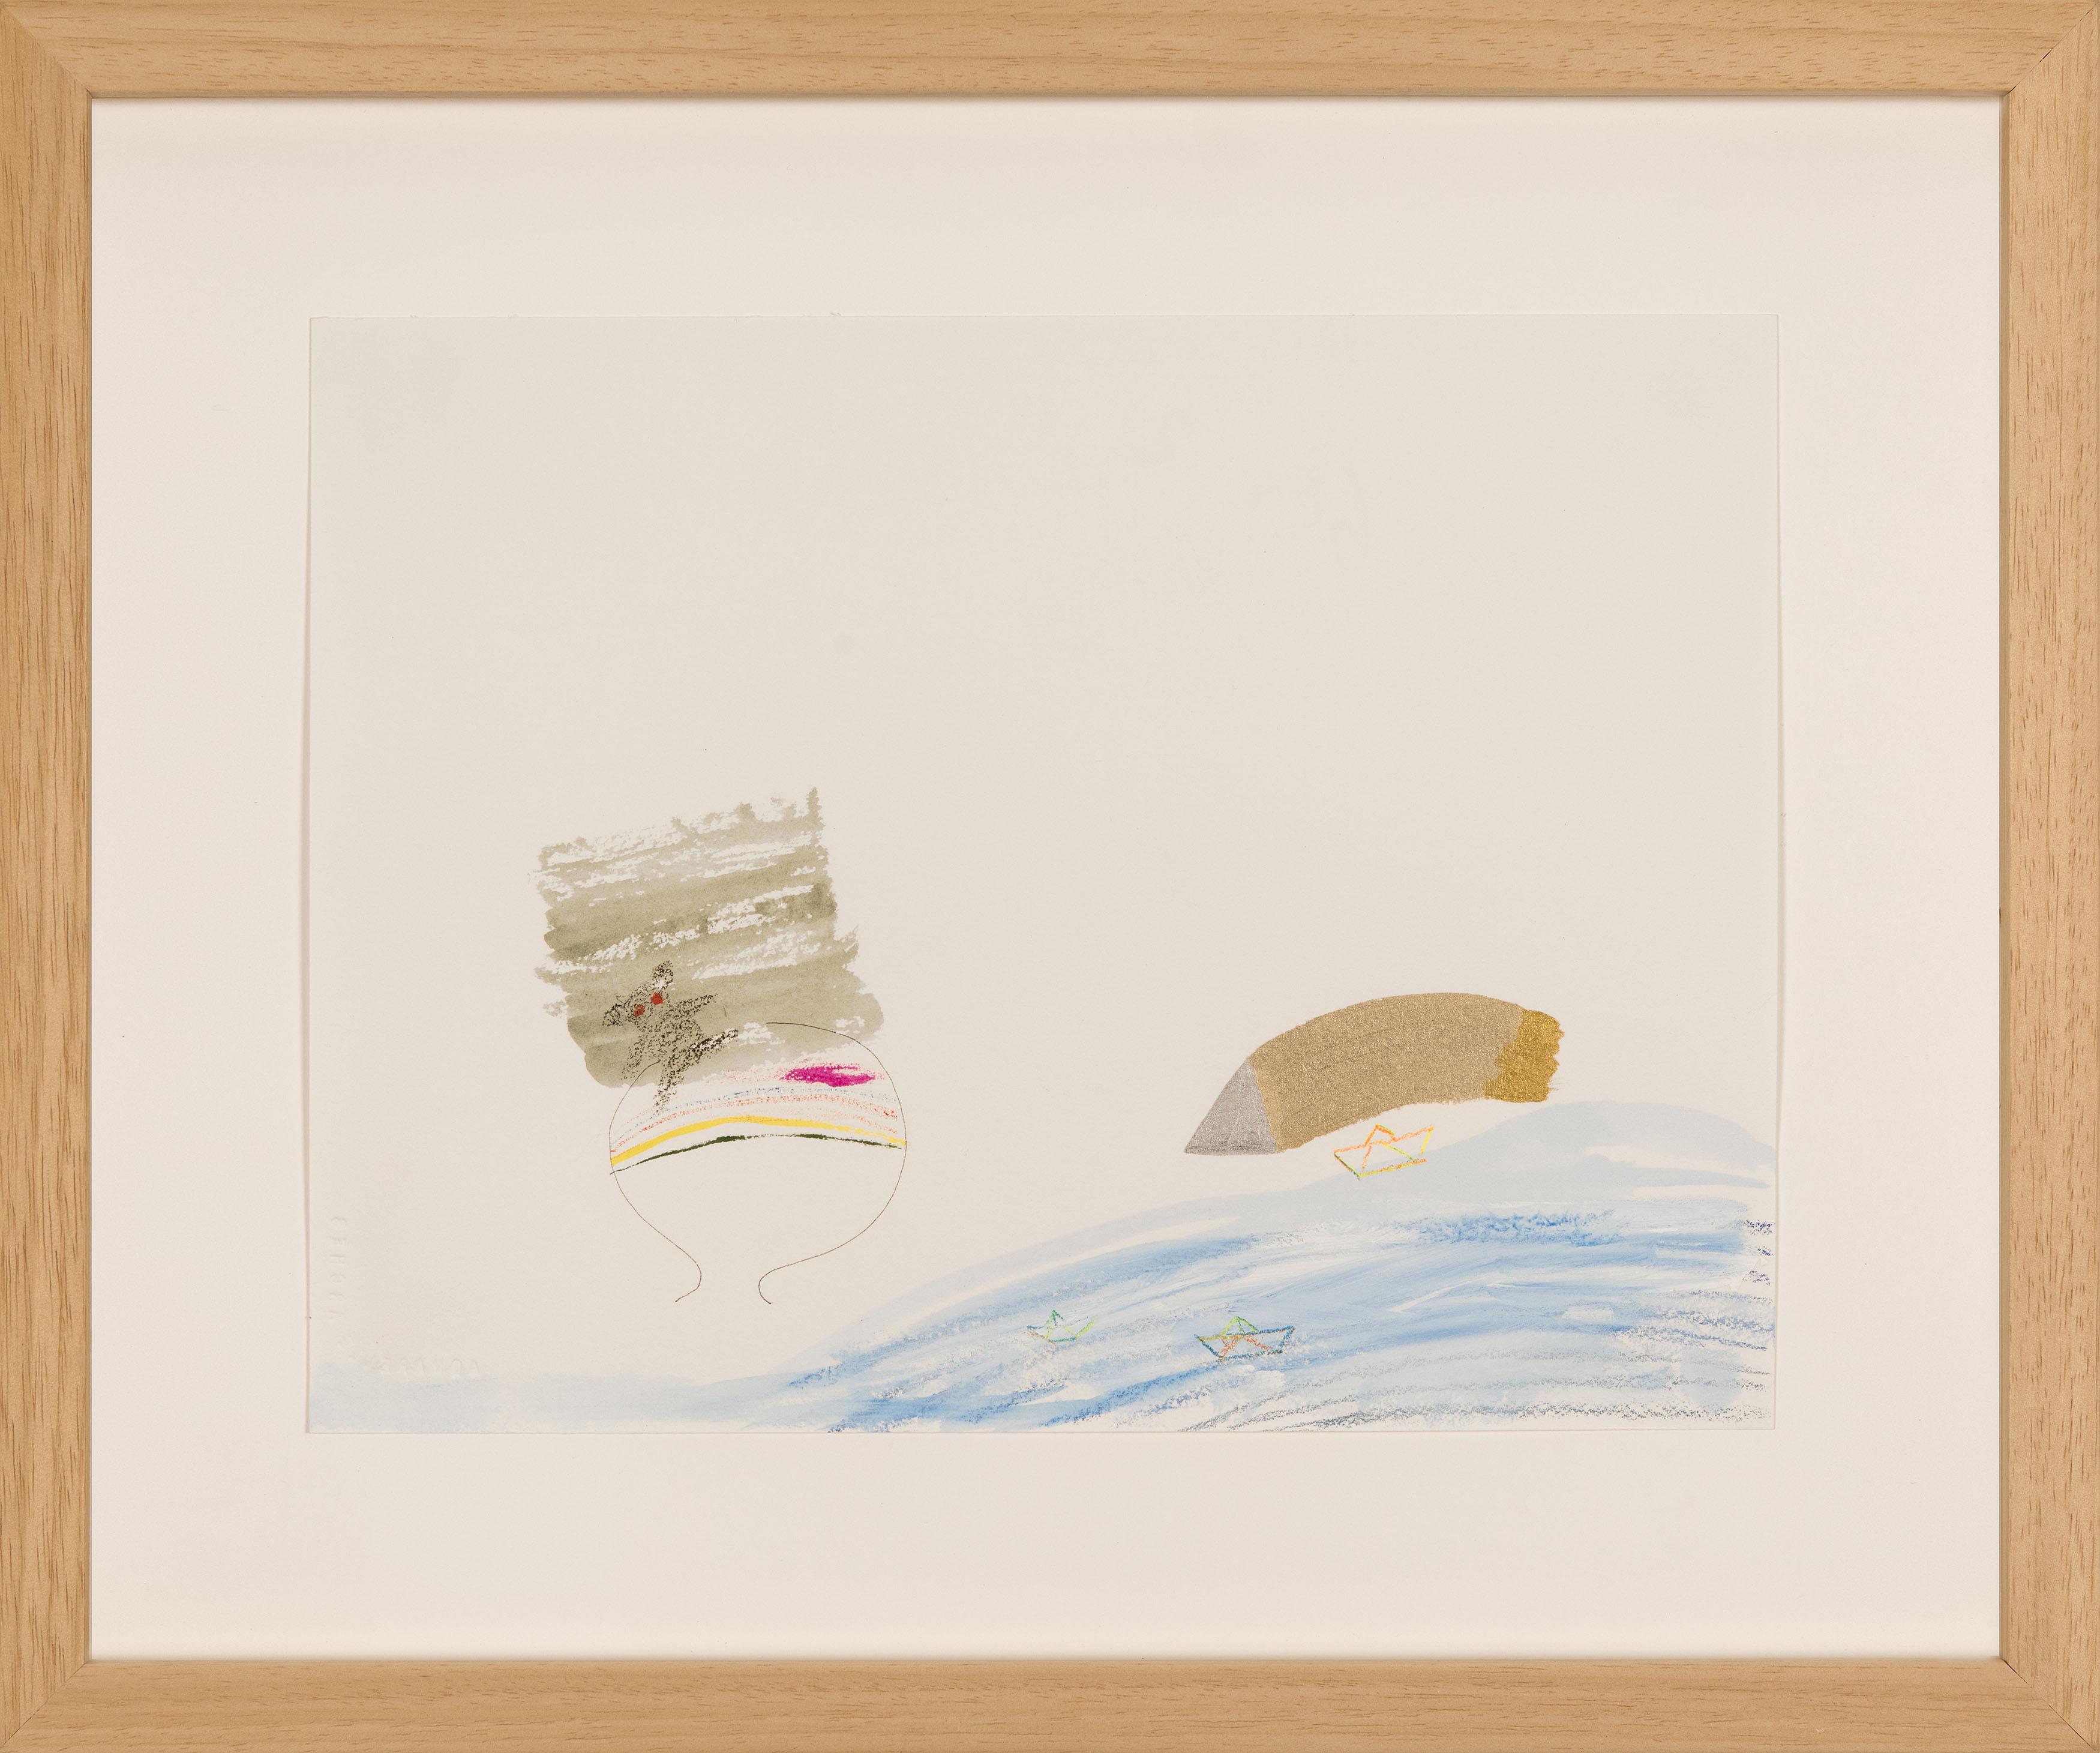 Nilbar Güreş, Göç ve Kağıt Gemiyle Gezen Ülkeler, 2016, Kağıt üzerine karışık teknik, 24,5 x 32 cm. (Photo Credit: Chroma)